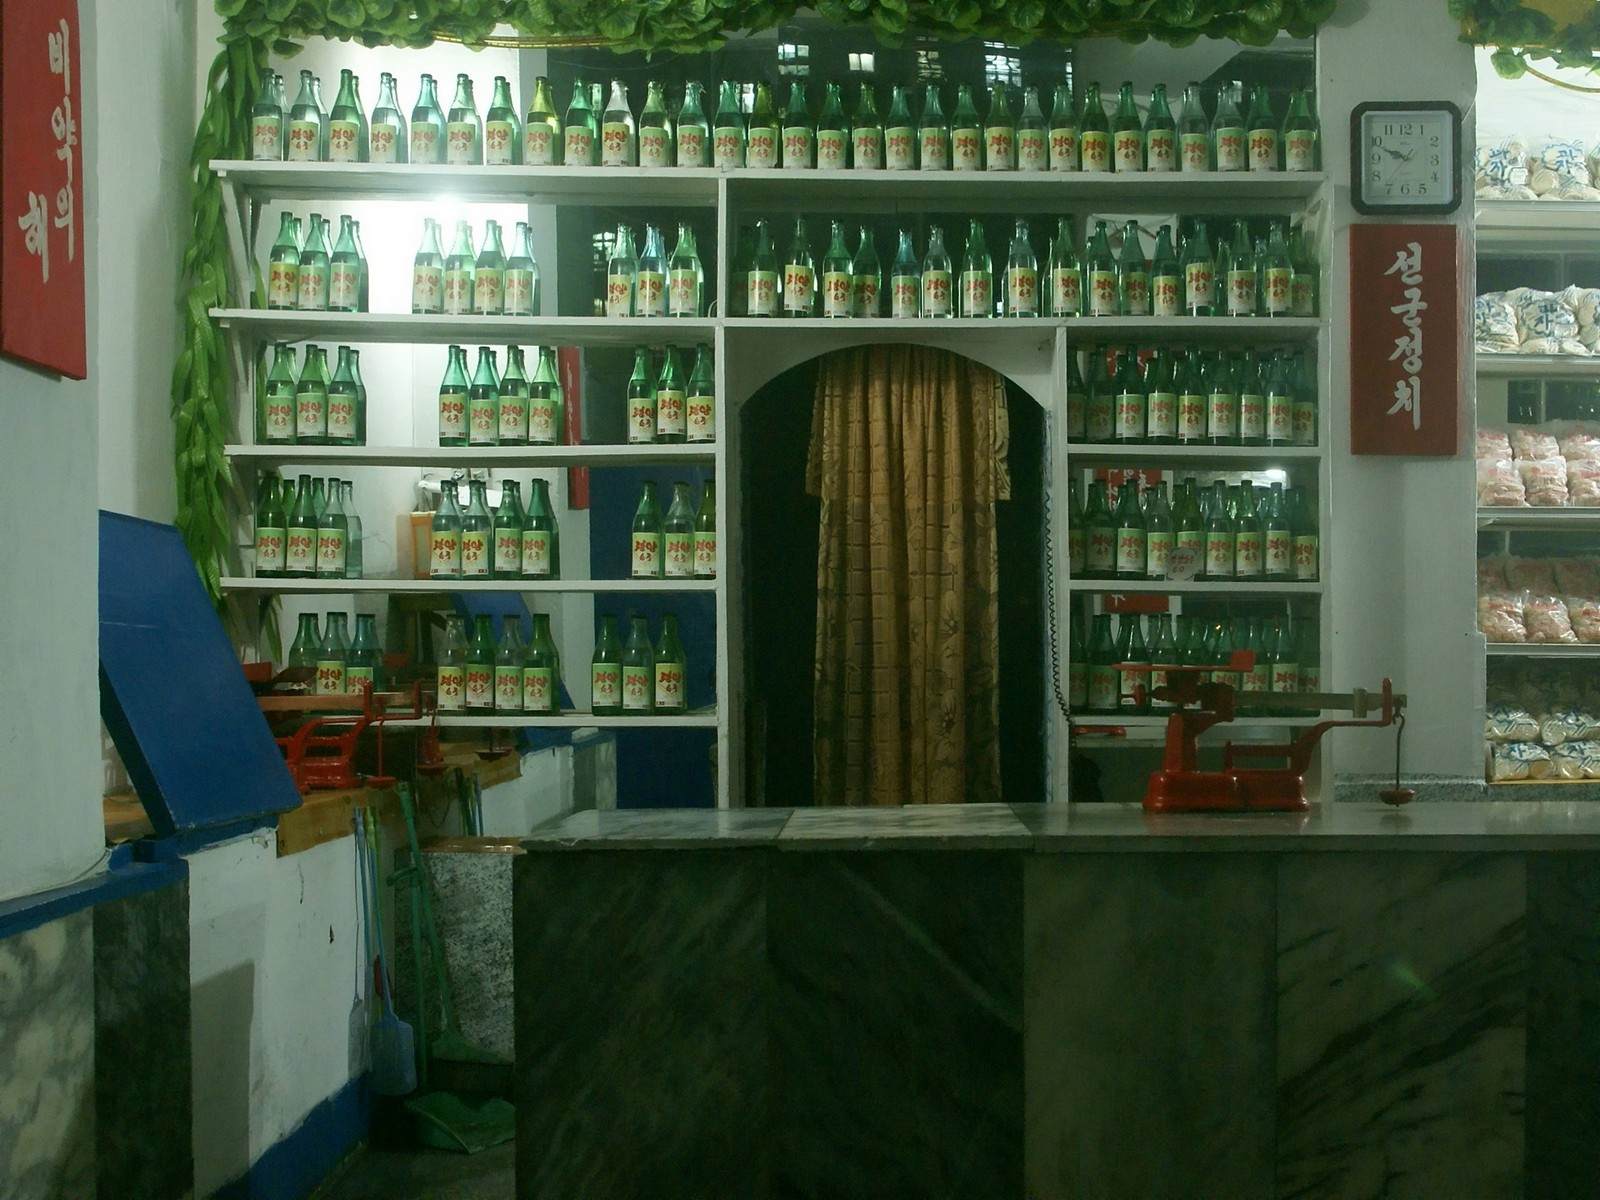 Pyongyang shop at night